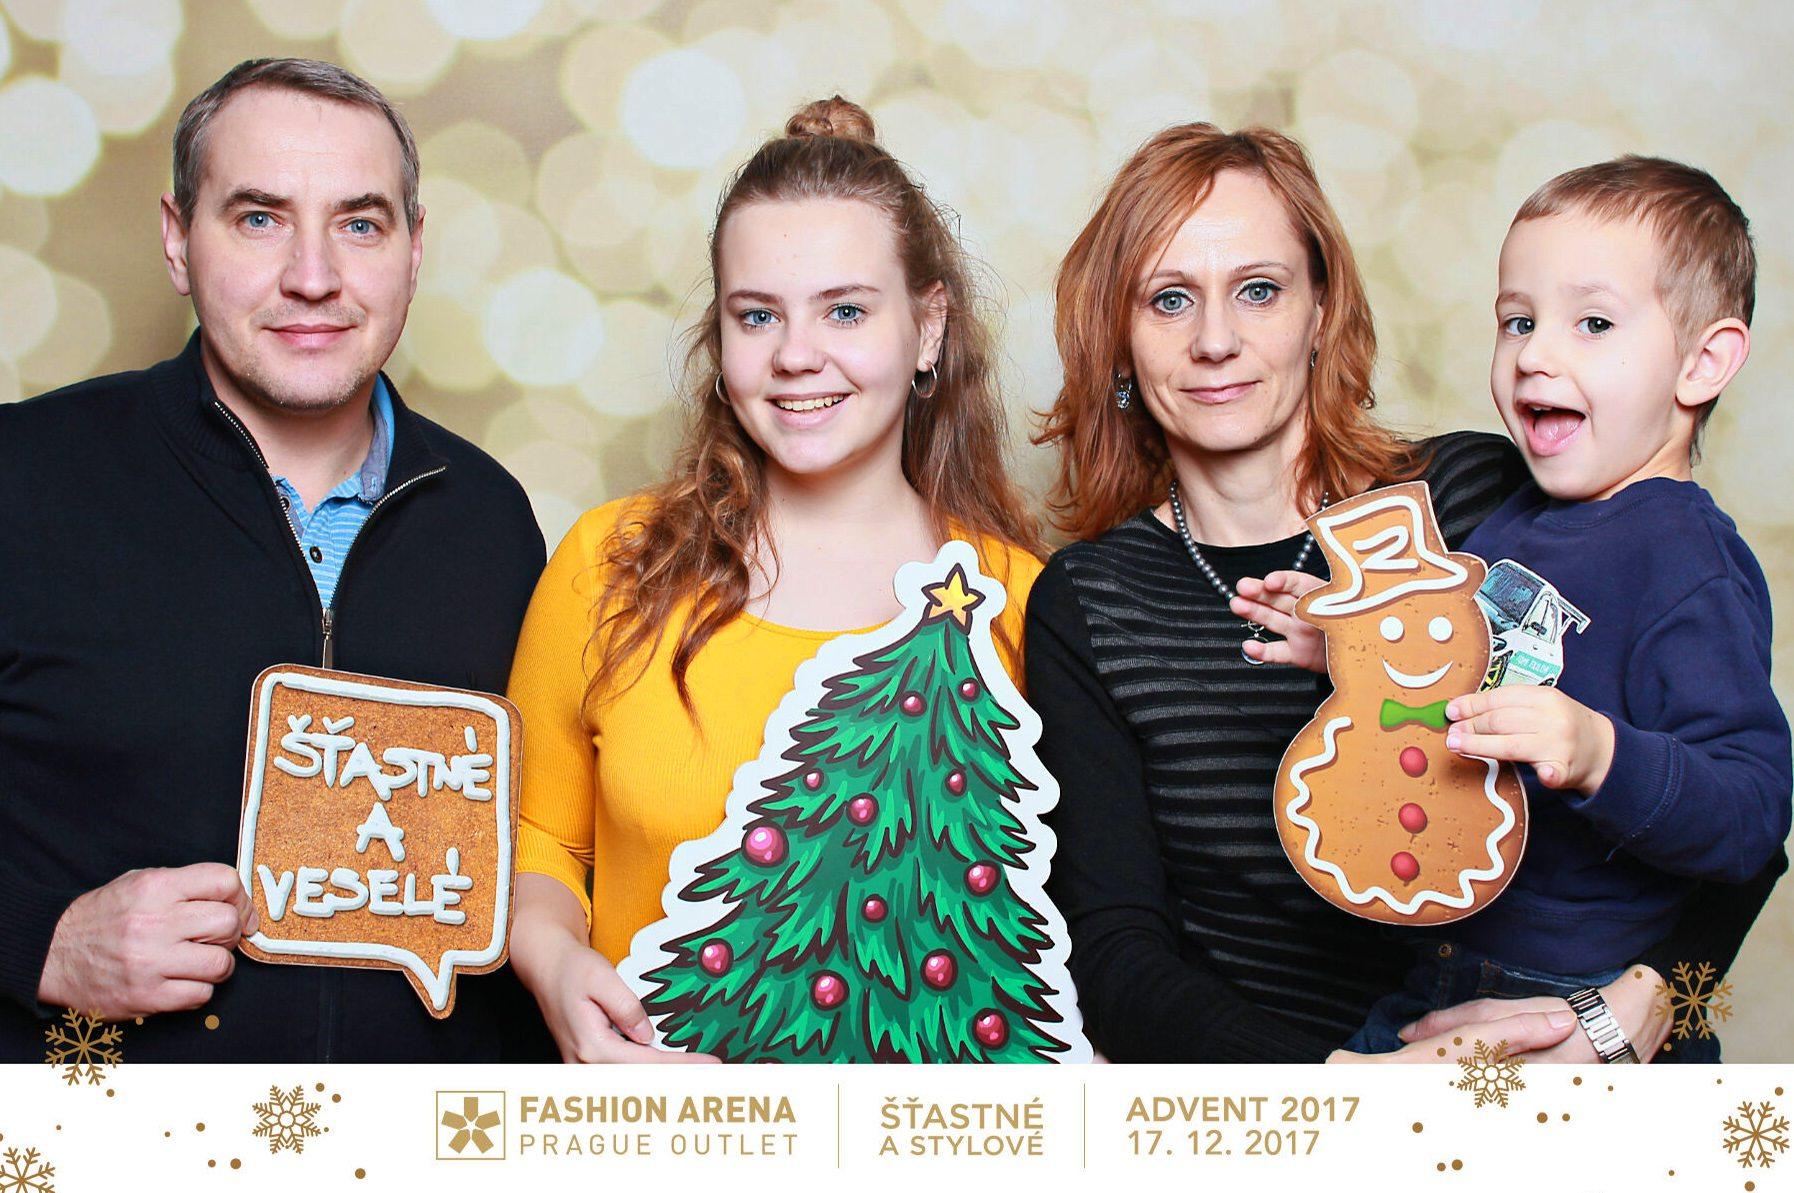 fotokoutek-fashion-arena-stastne-a-stylove-17-12-2017-371494